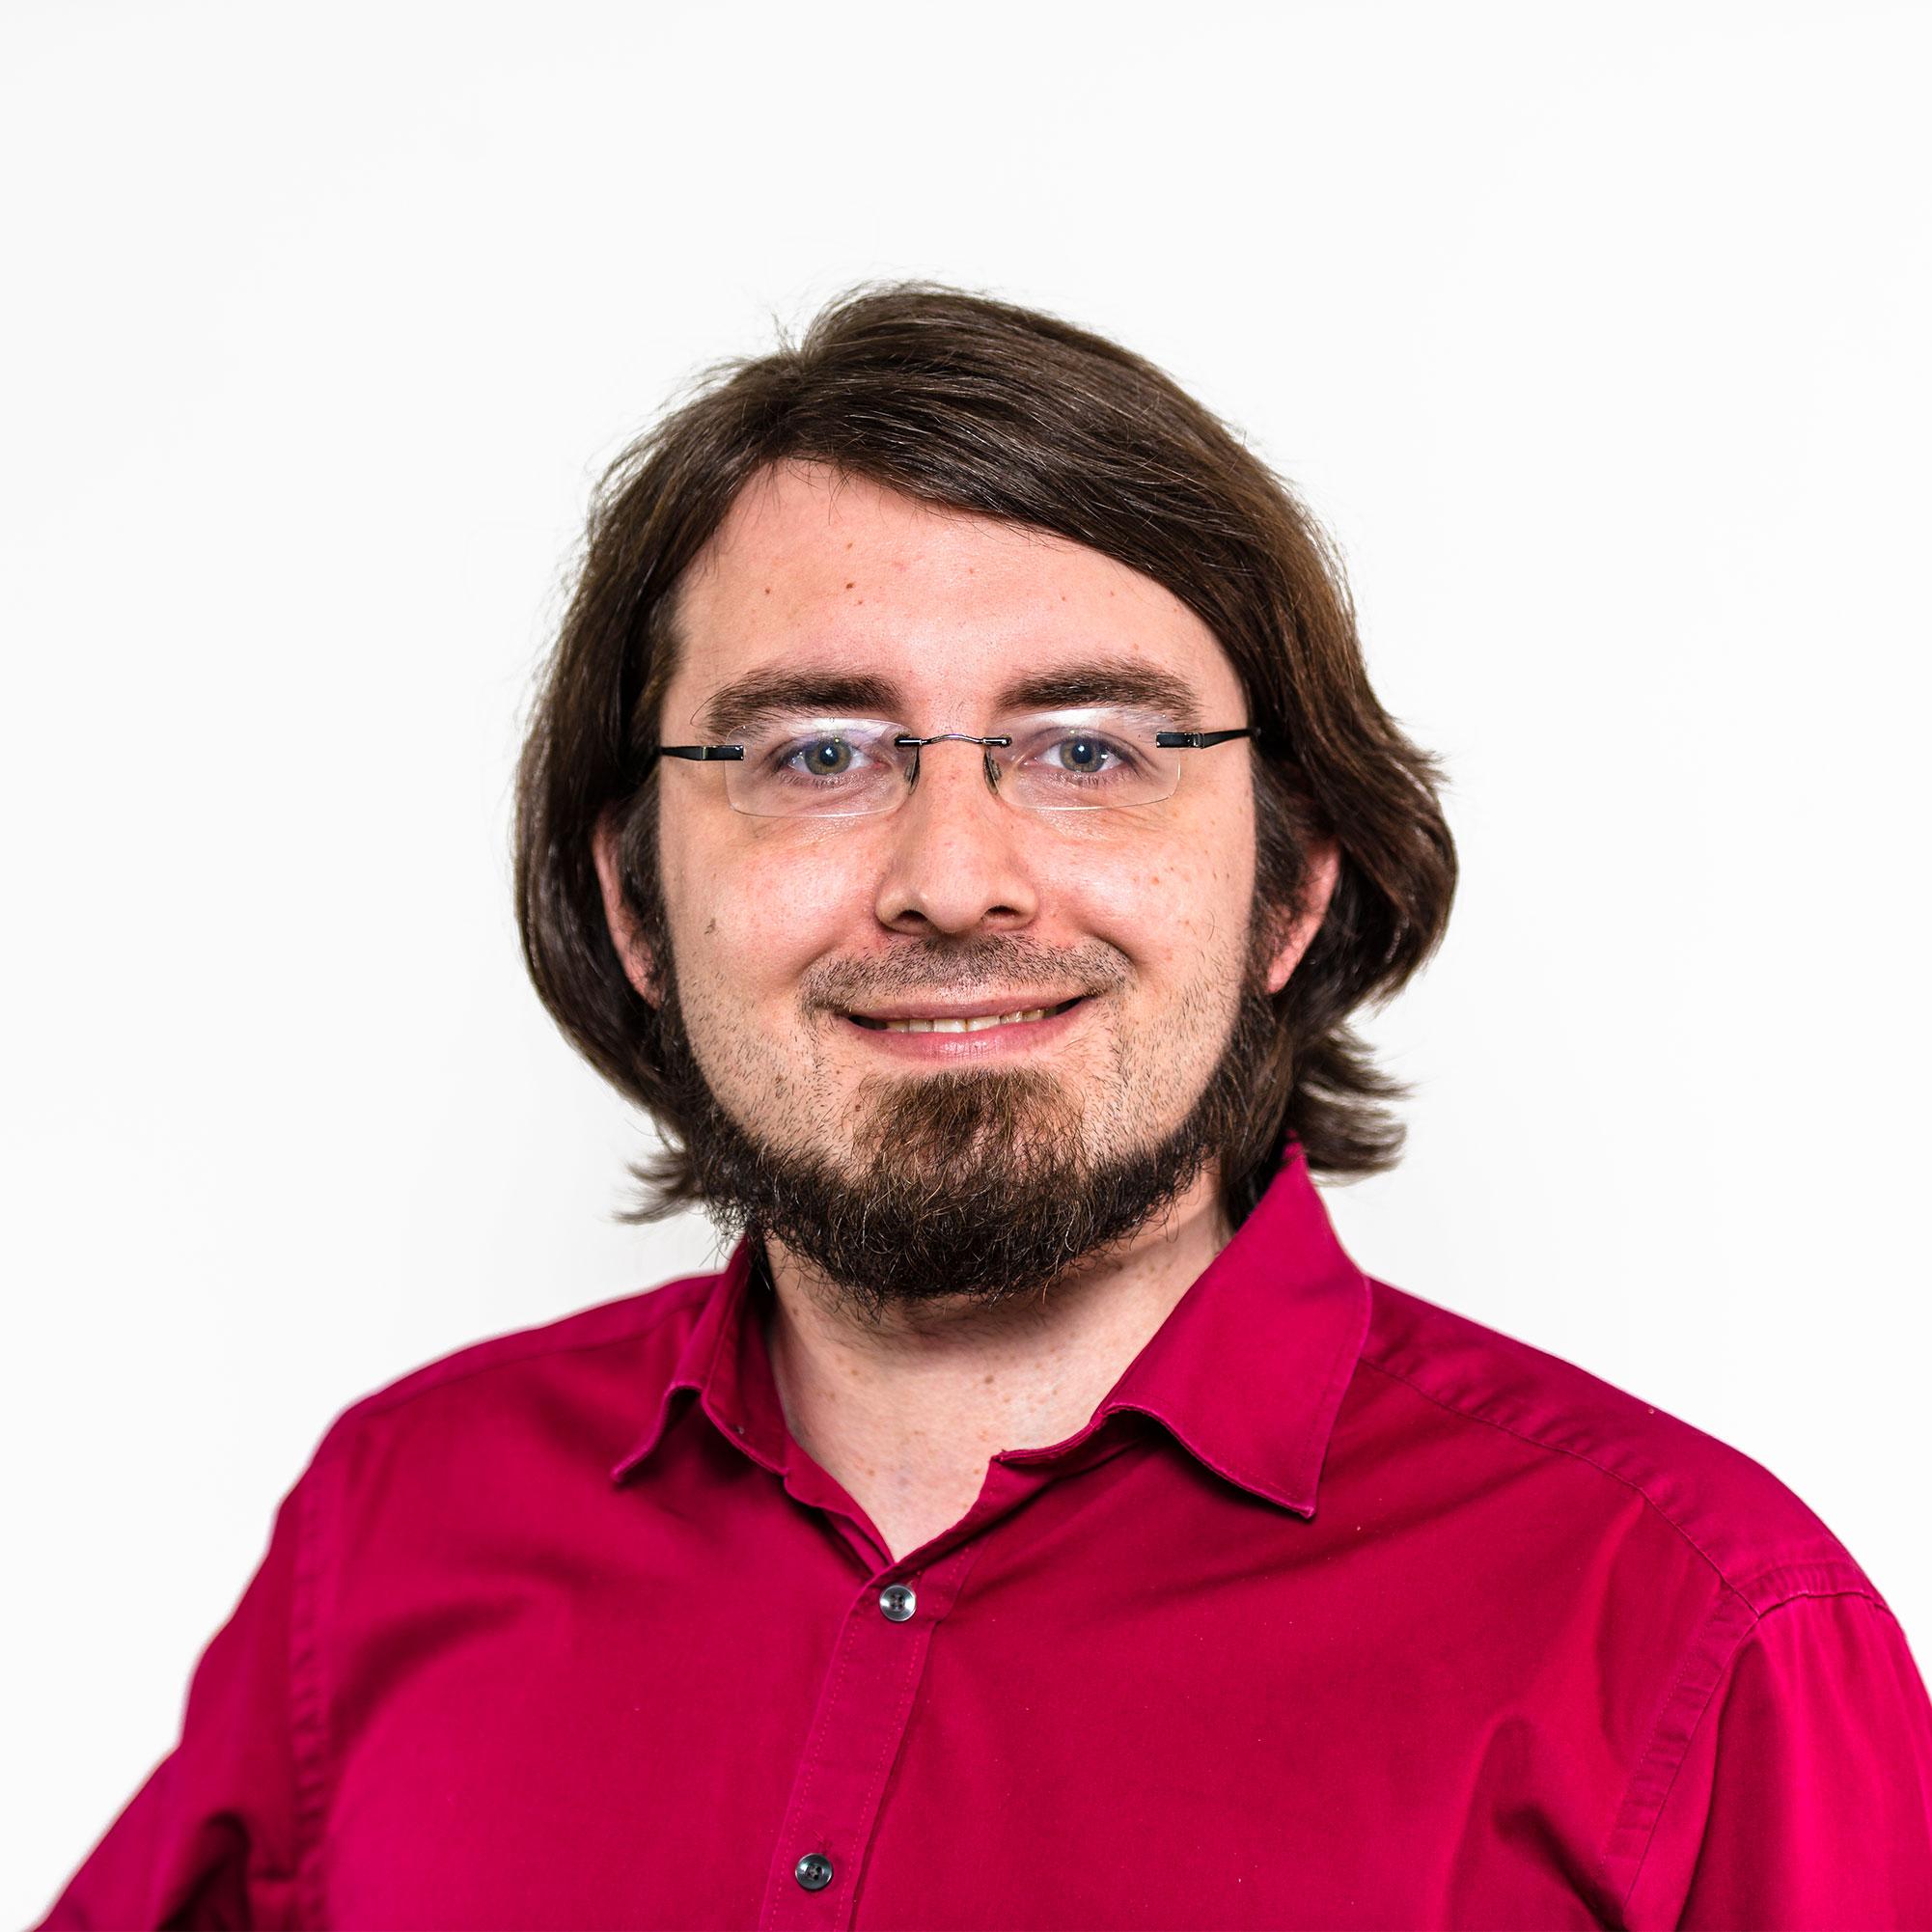 Ein Profilbild vom Web-Entwickler Sebastian Heuser